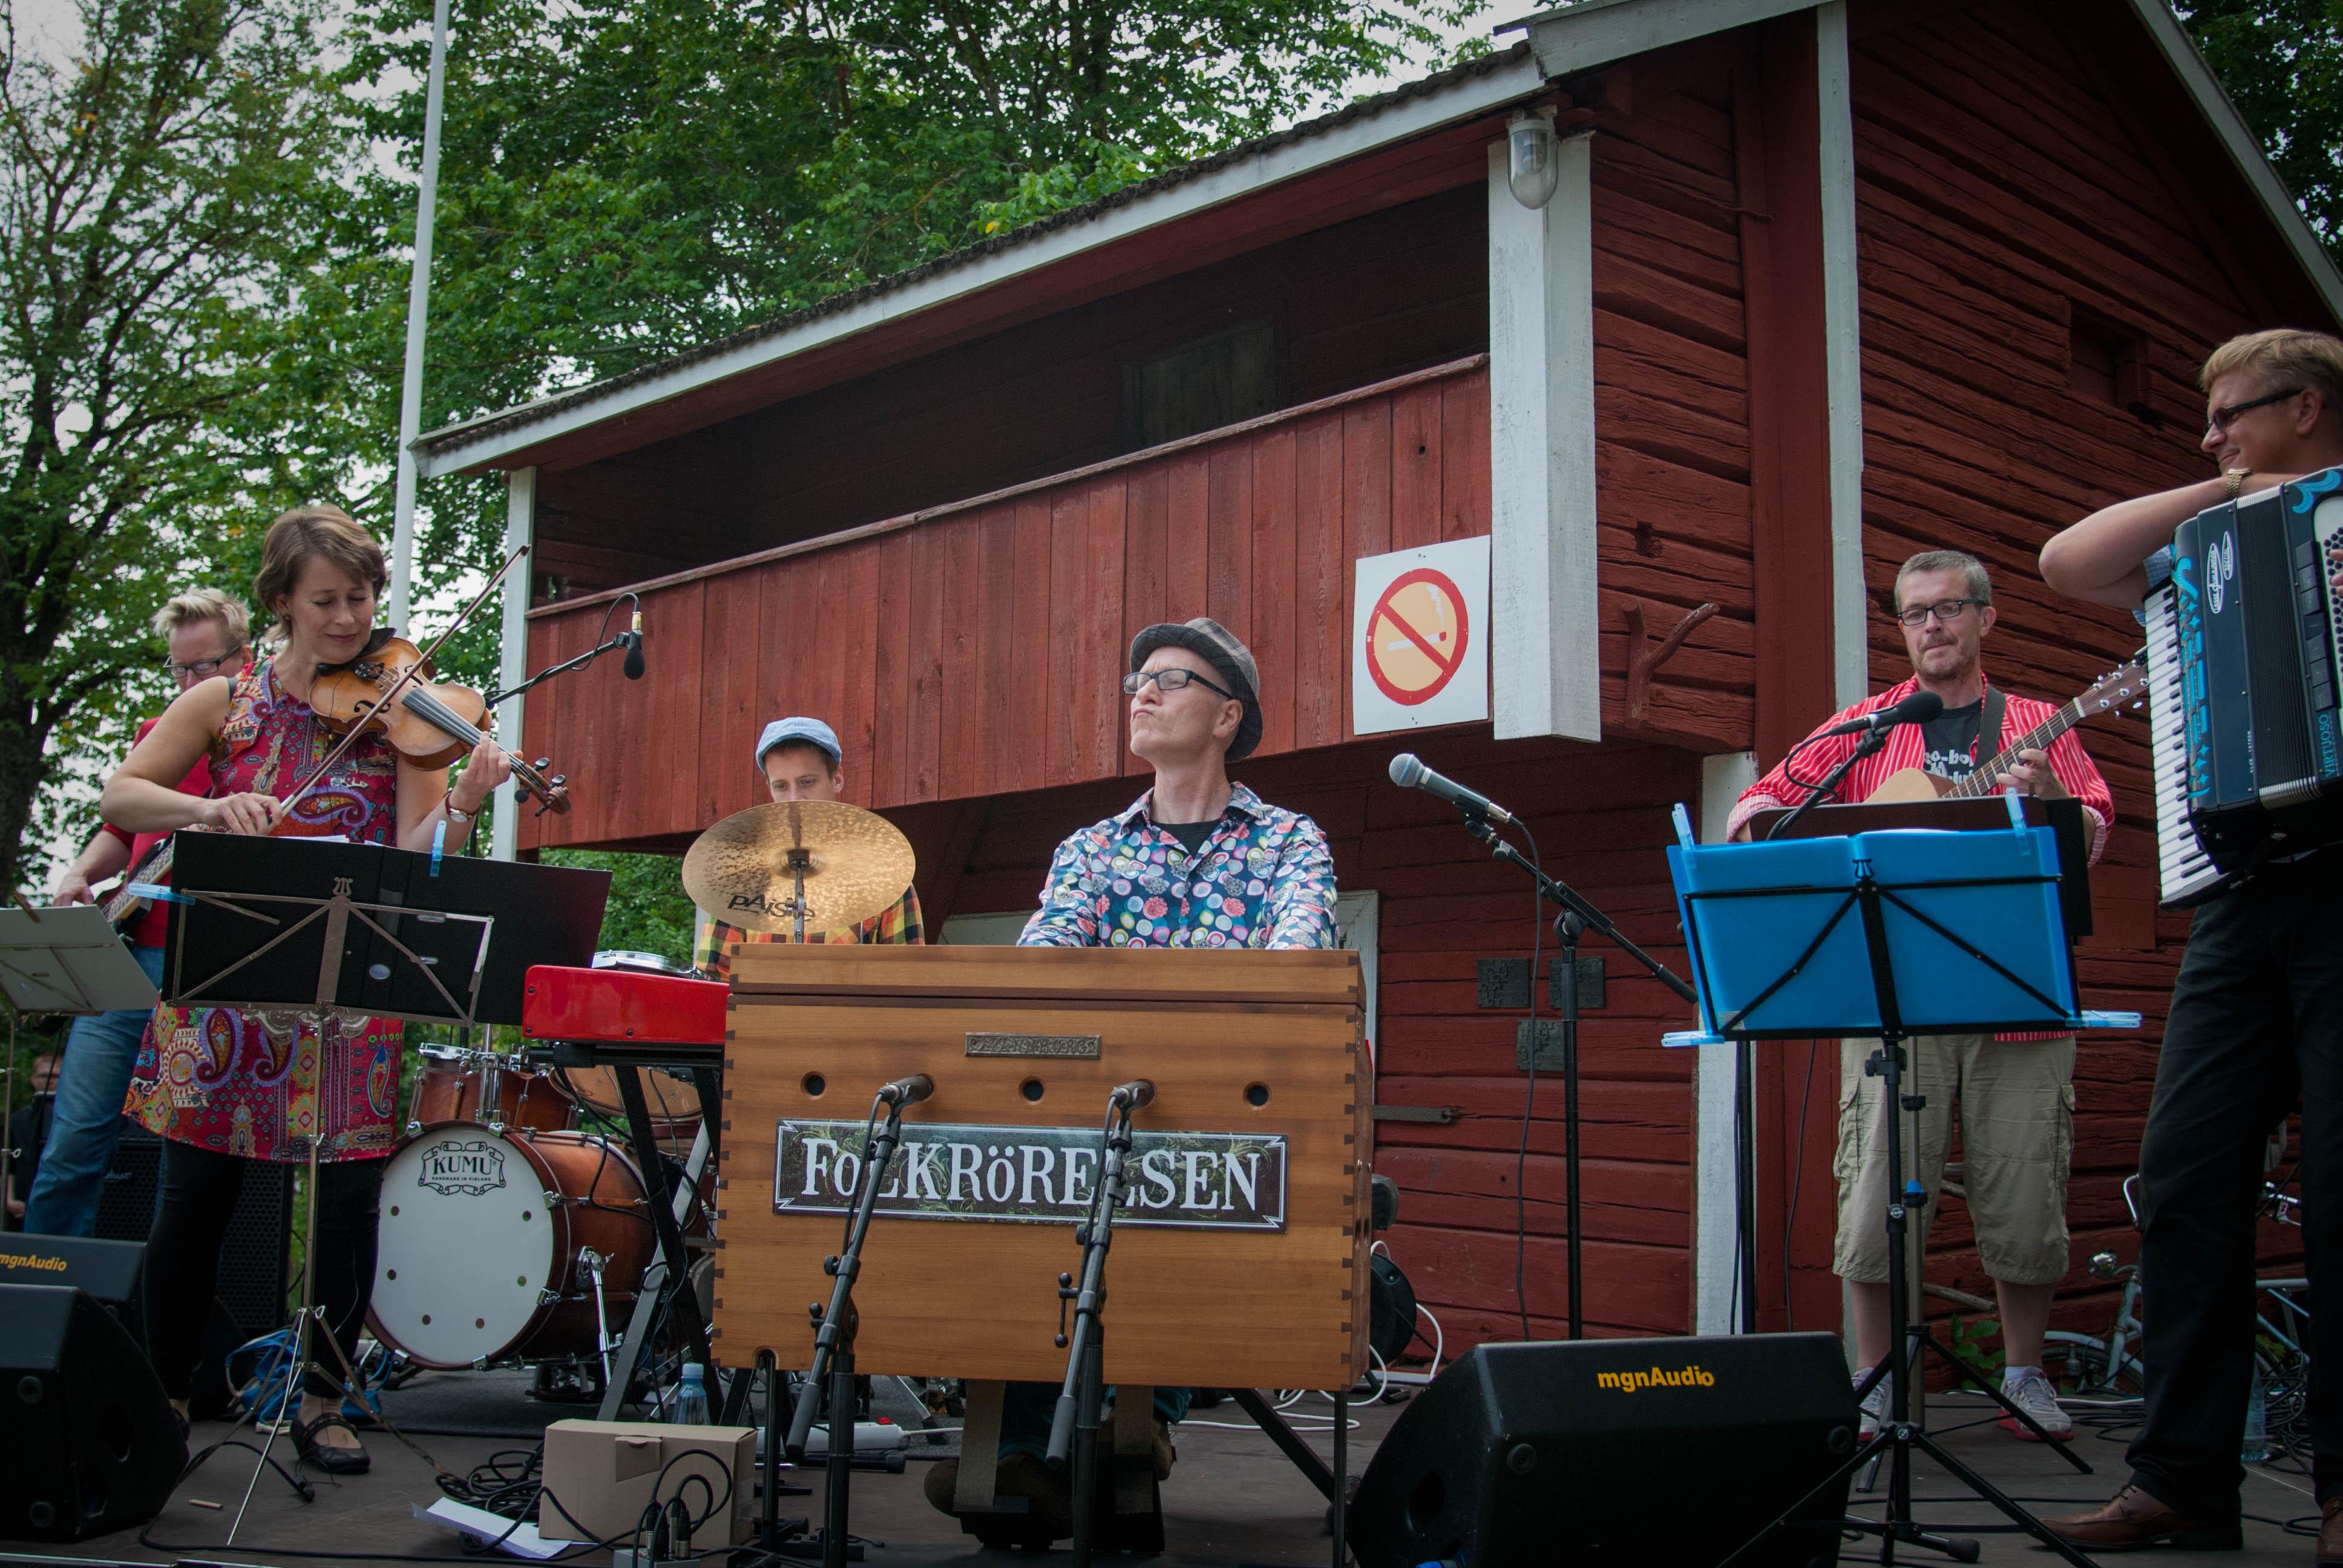 Tramporgel - FoLKRÖRELSEN, 2014. Photo Samuel Salminen.